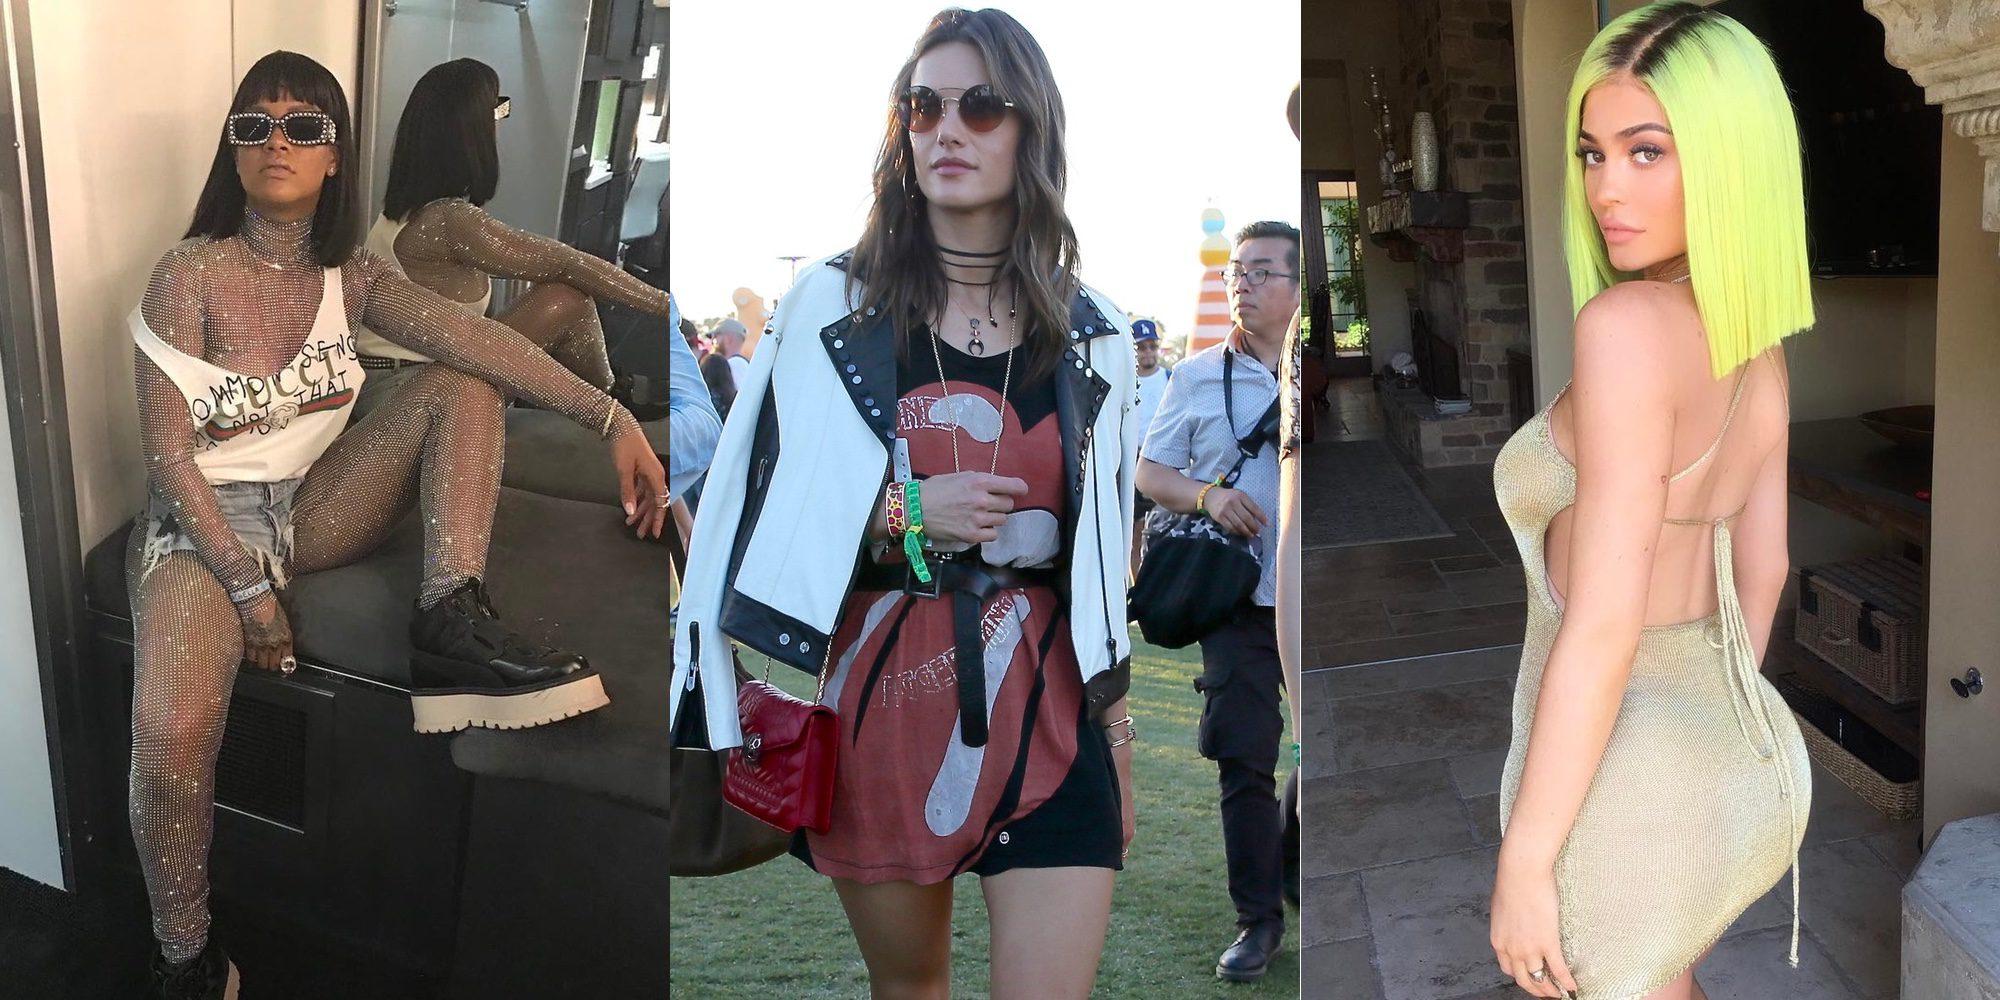 Rihanna, Alessandra Ambrosio o Kylie Jenner disfrutan del Coachella, el festival más VIP del año